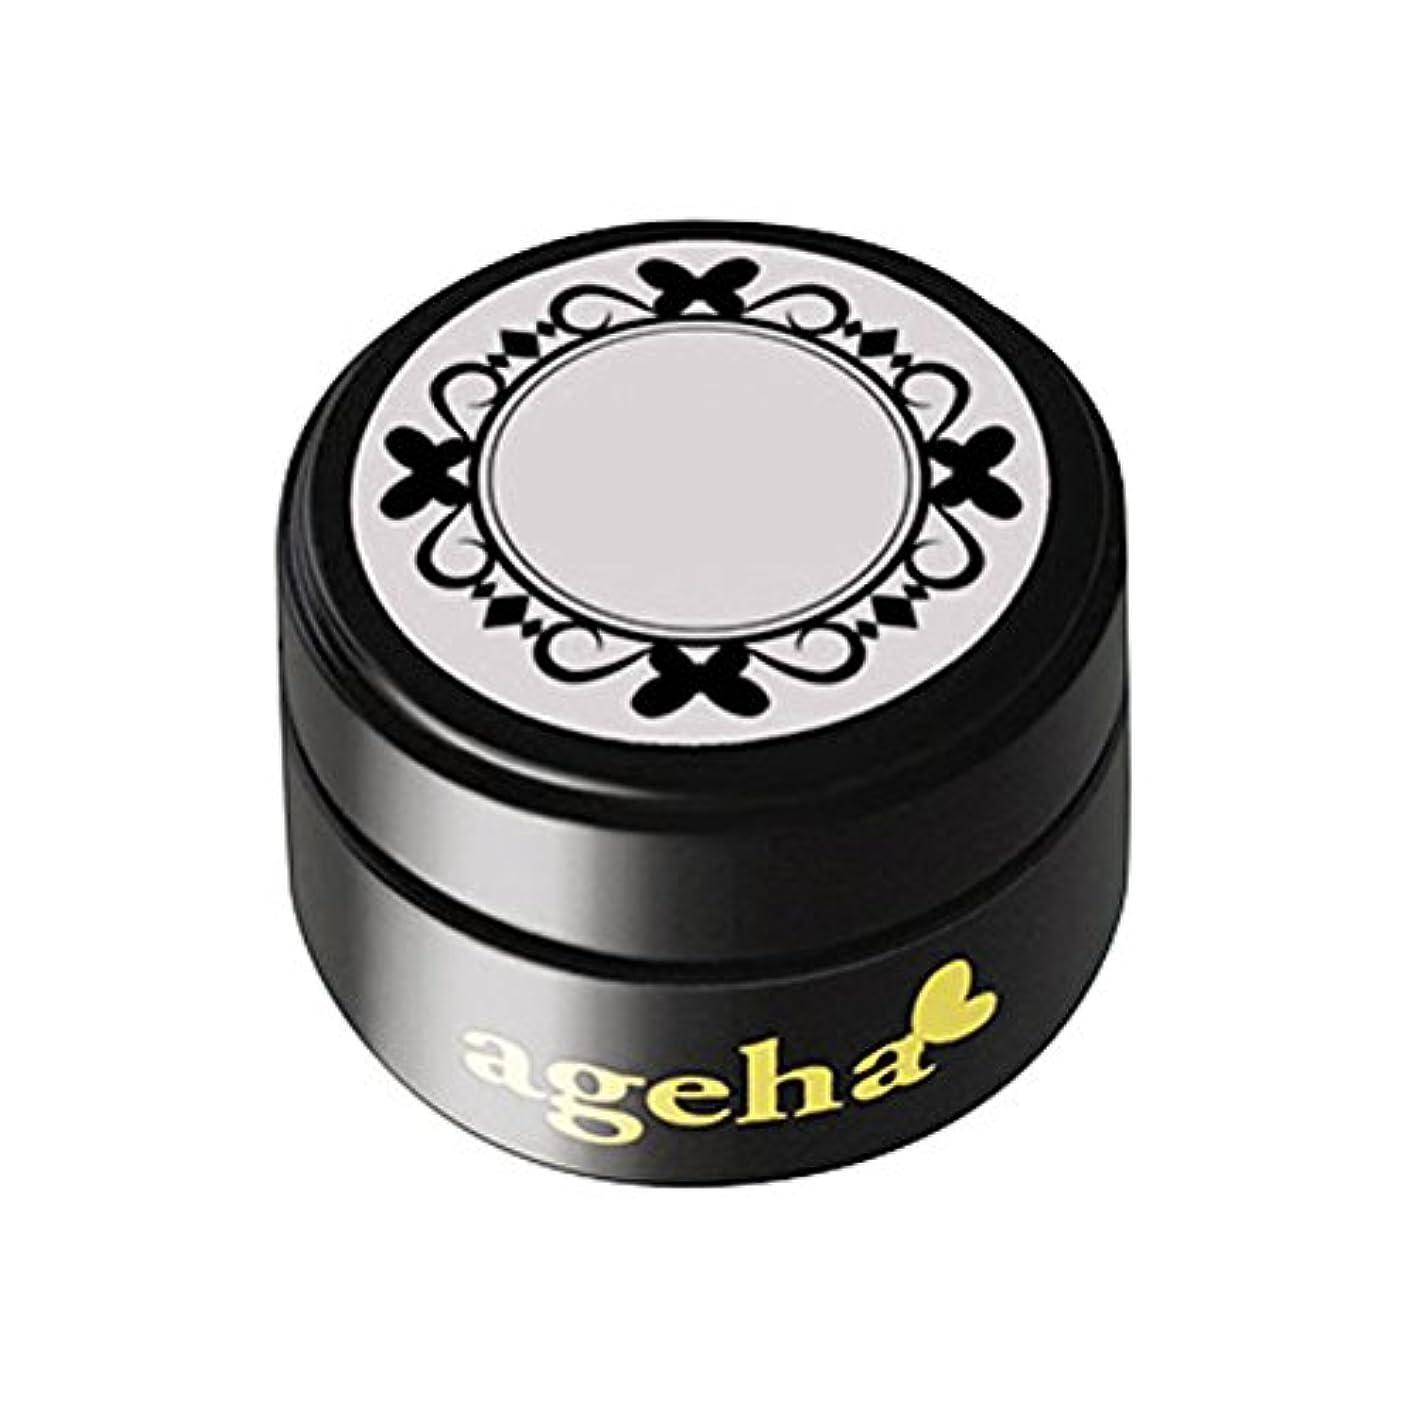 デザート水星薬局ageha gel カラージェル コスメカラー 216 ノスタルジー 2.7g UV/LED対応